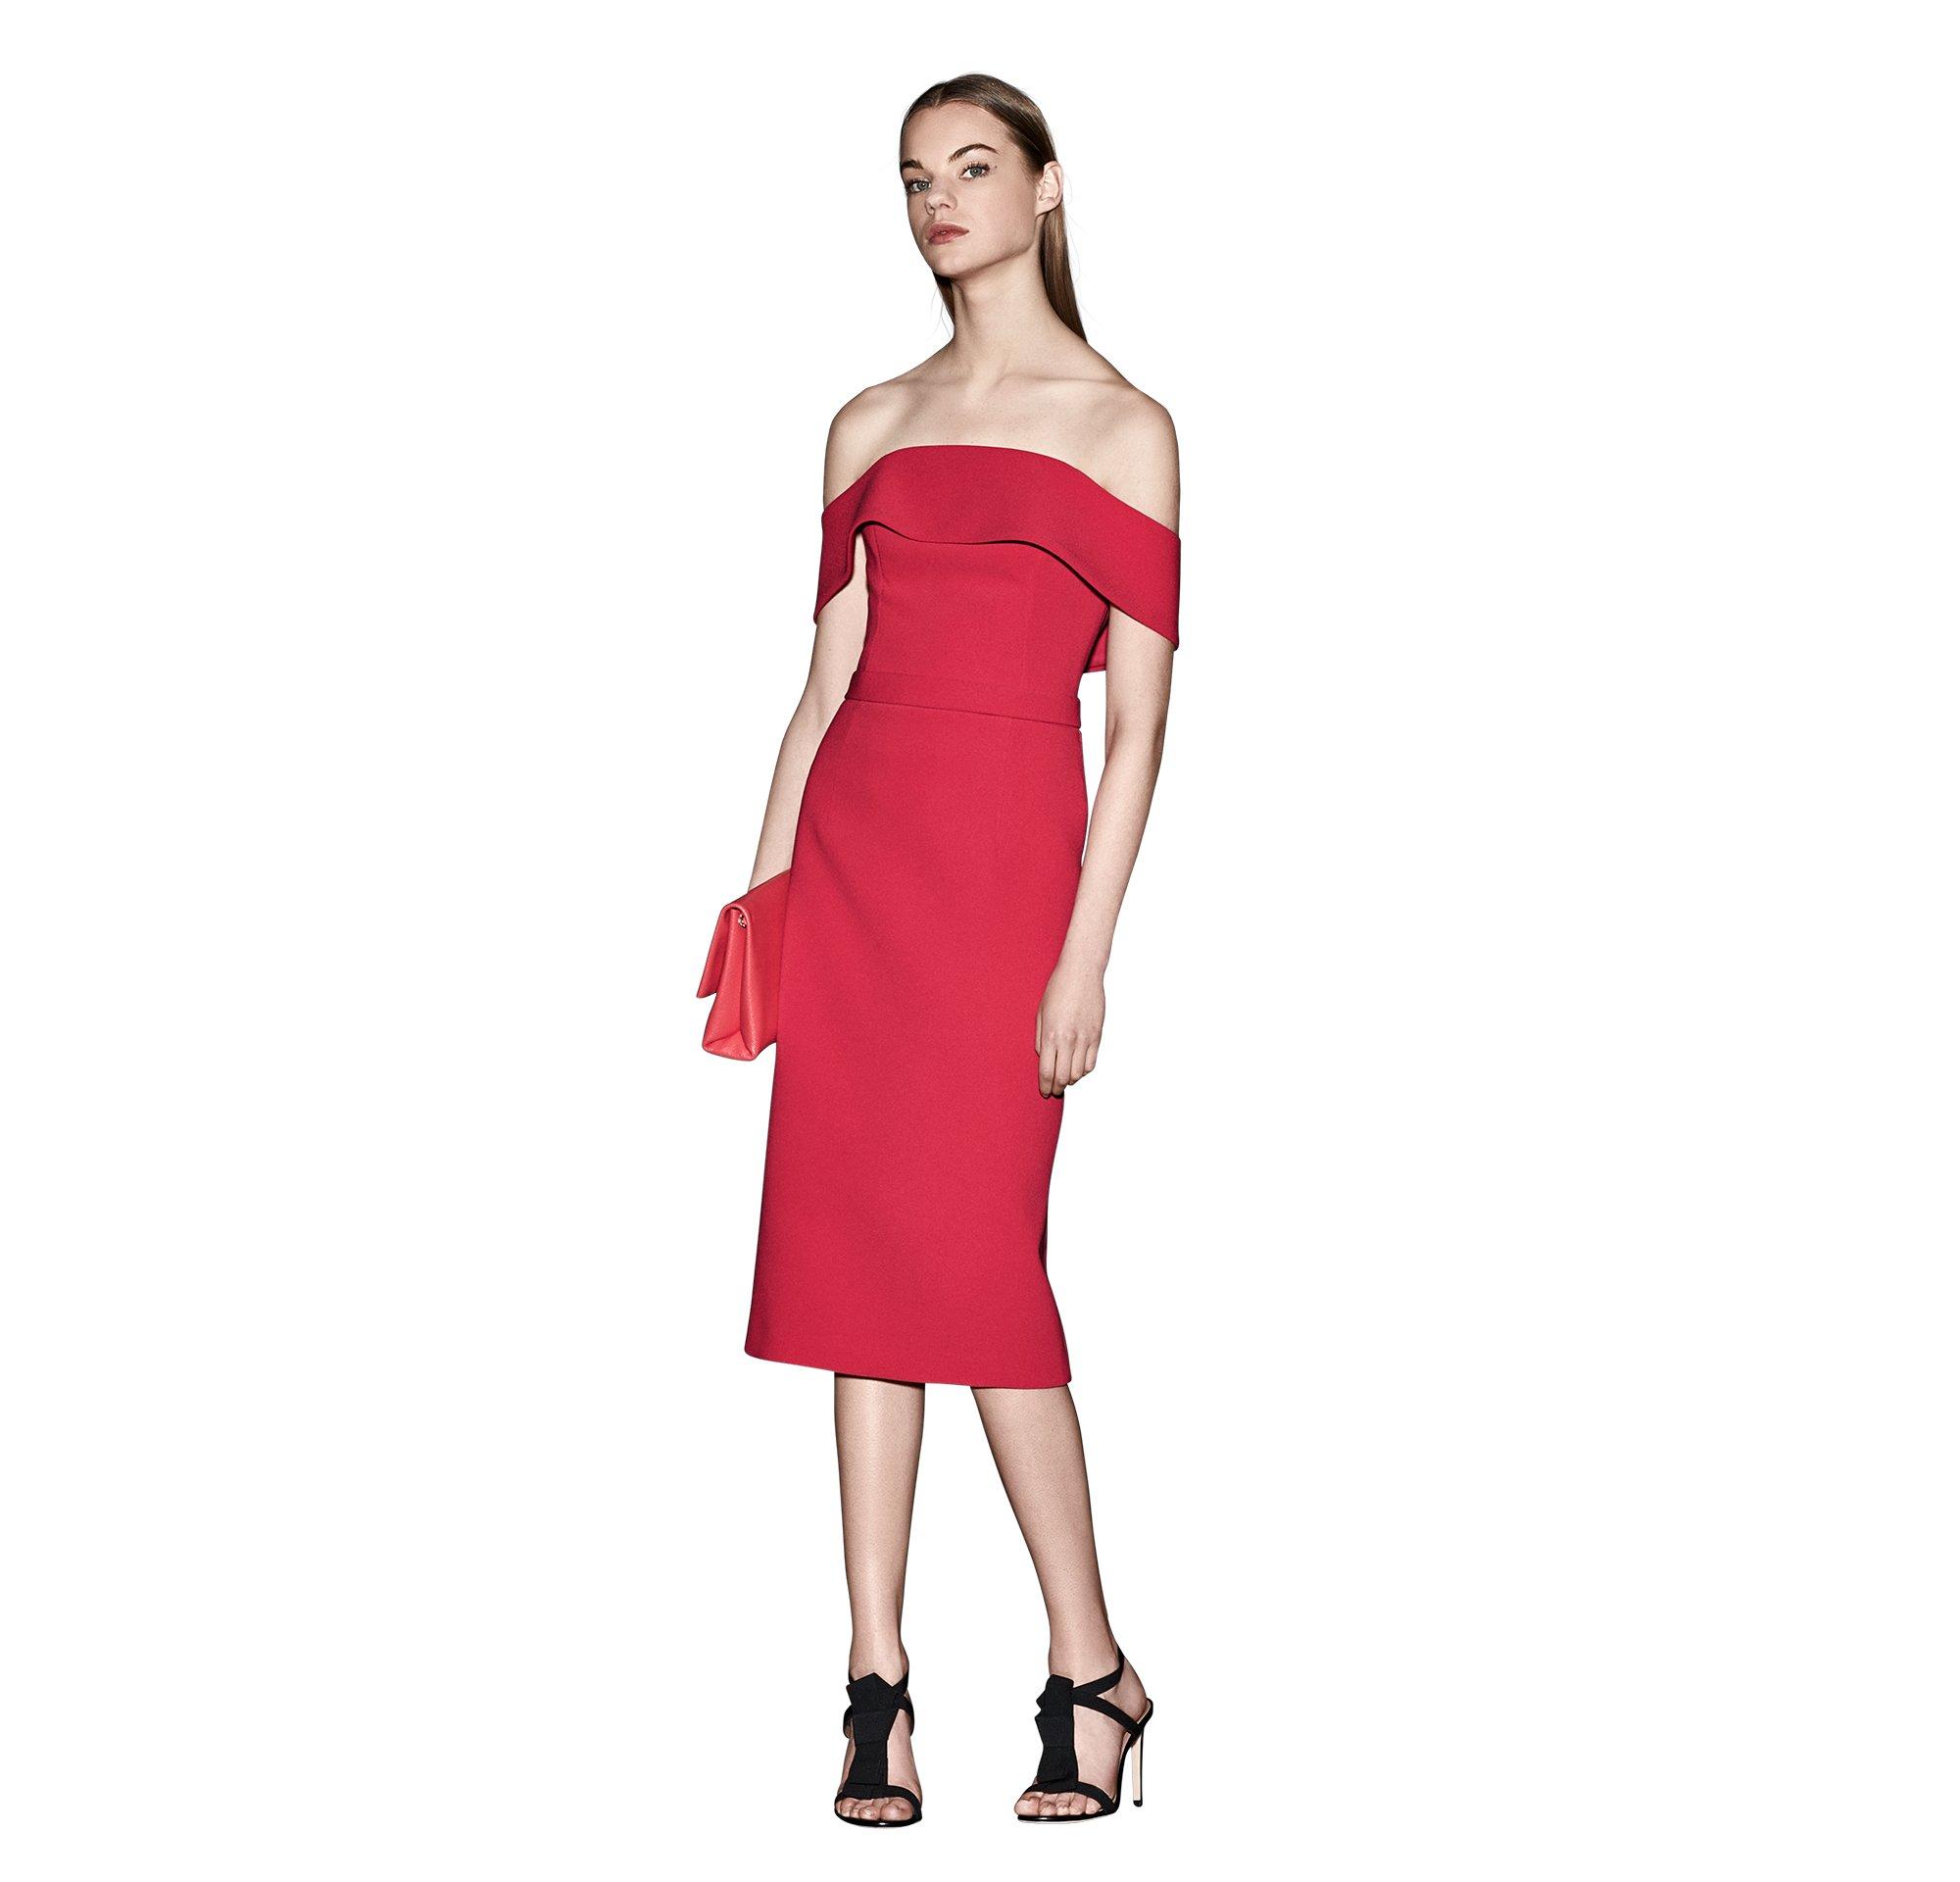 Rode jurk en tas van BOSS